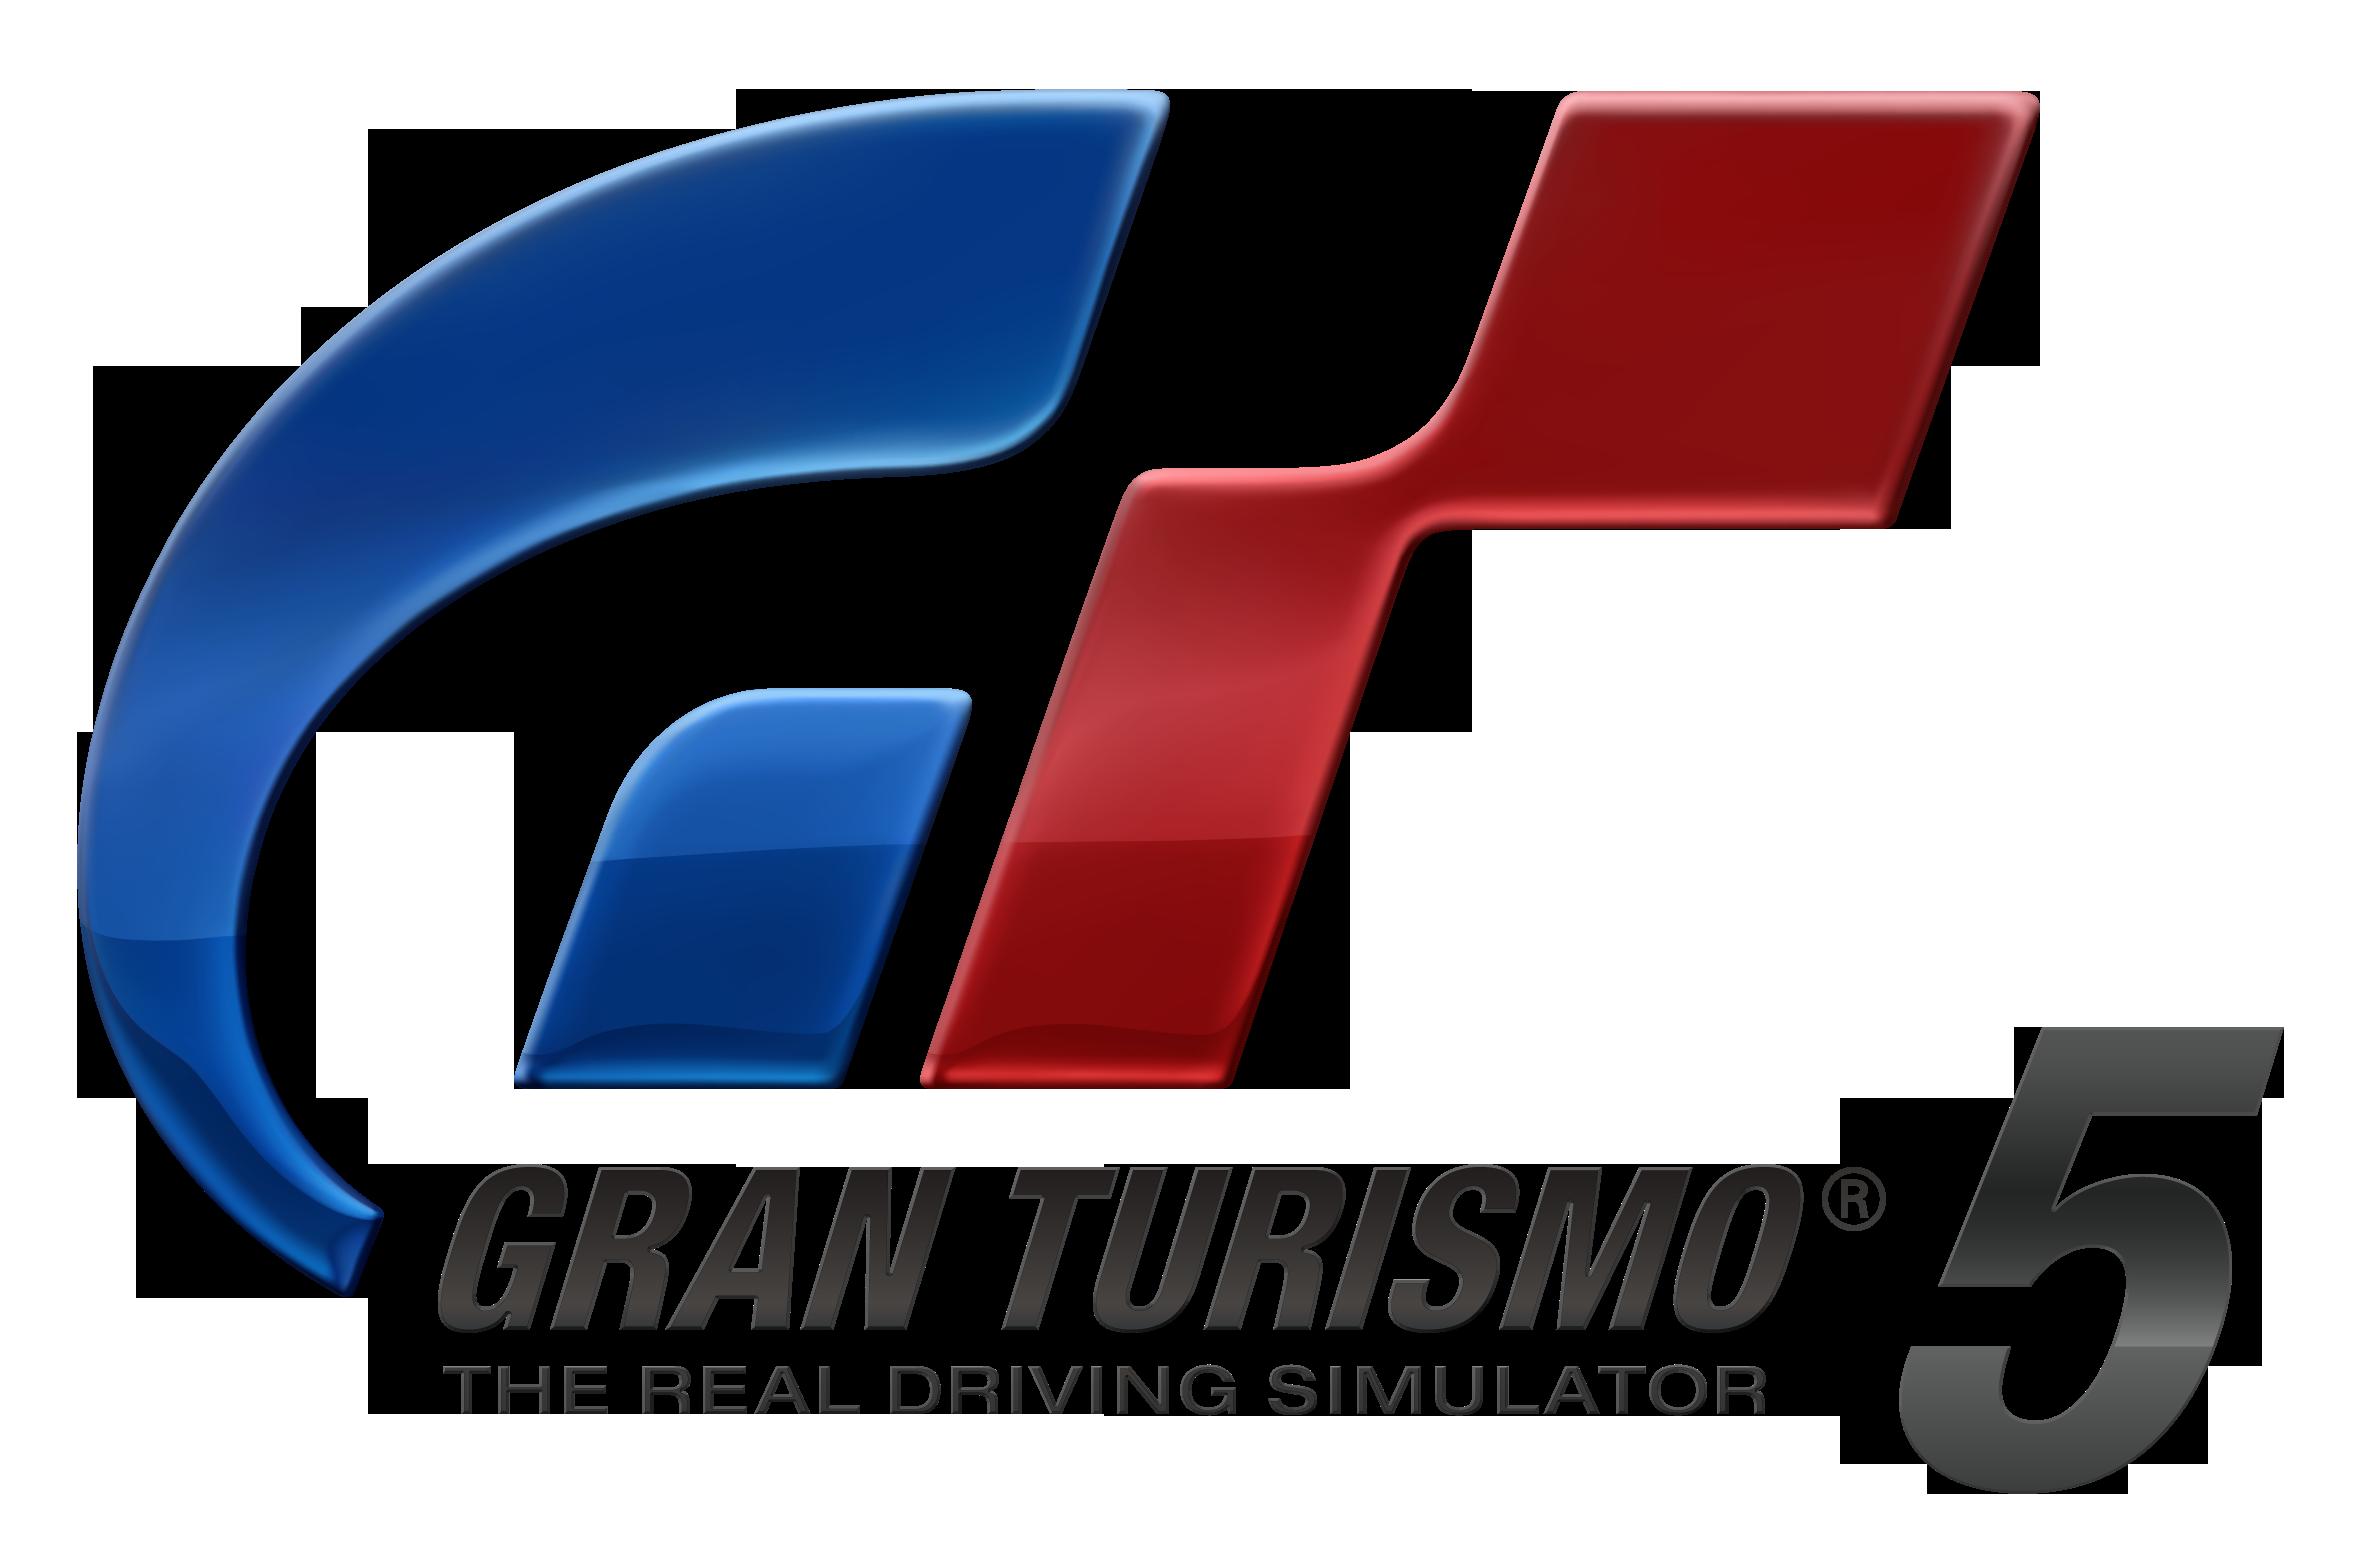 Gran Turismo 5.png - Gran Turismo PNG